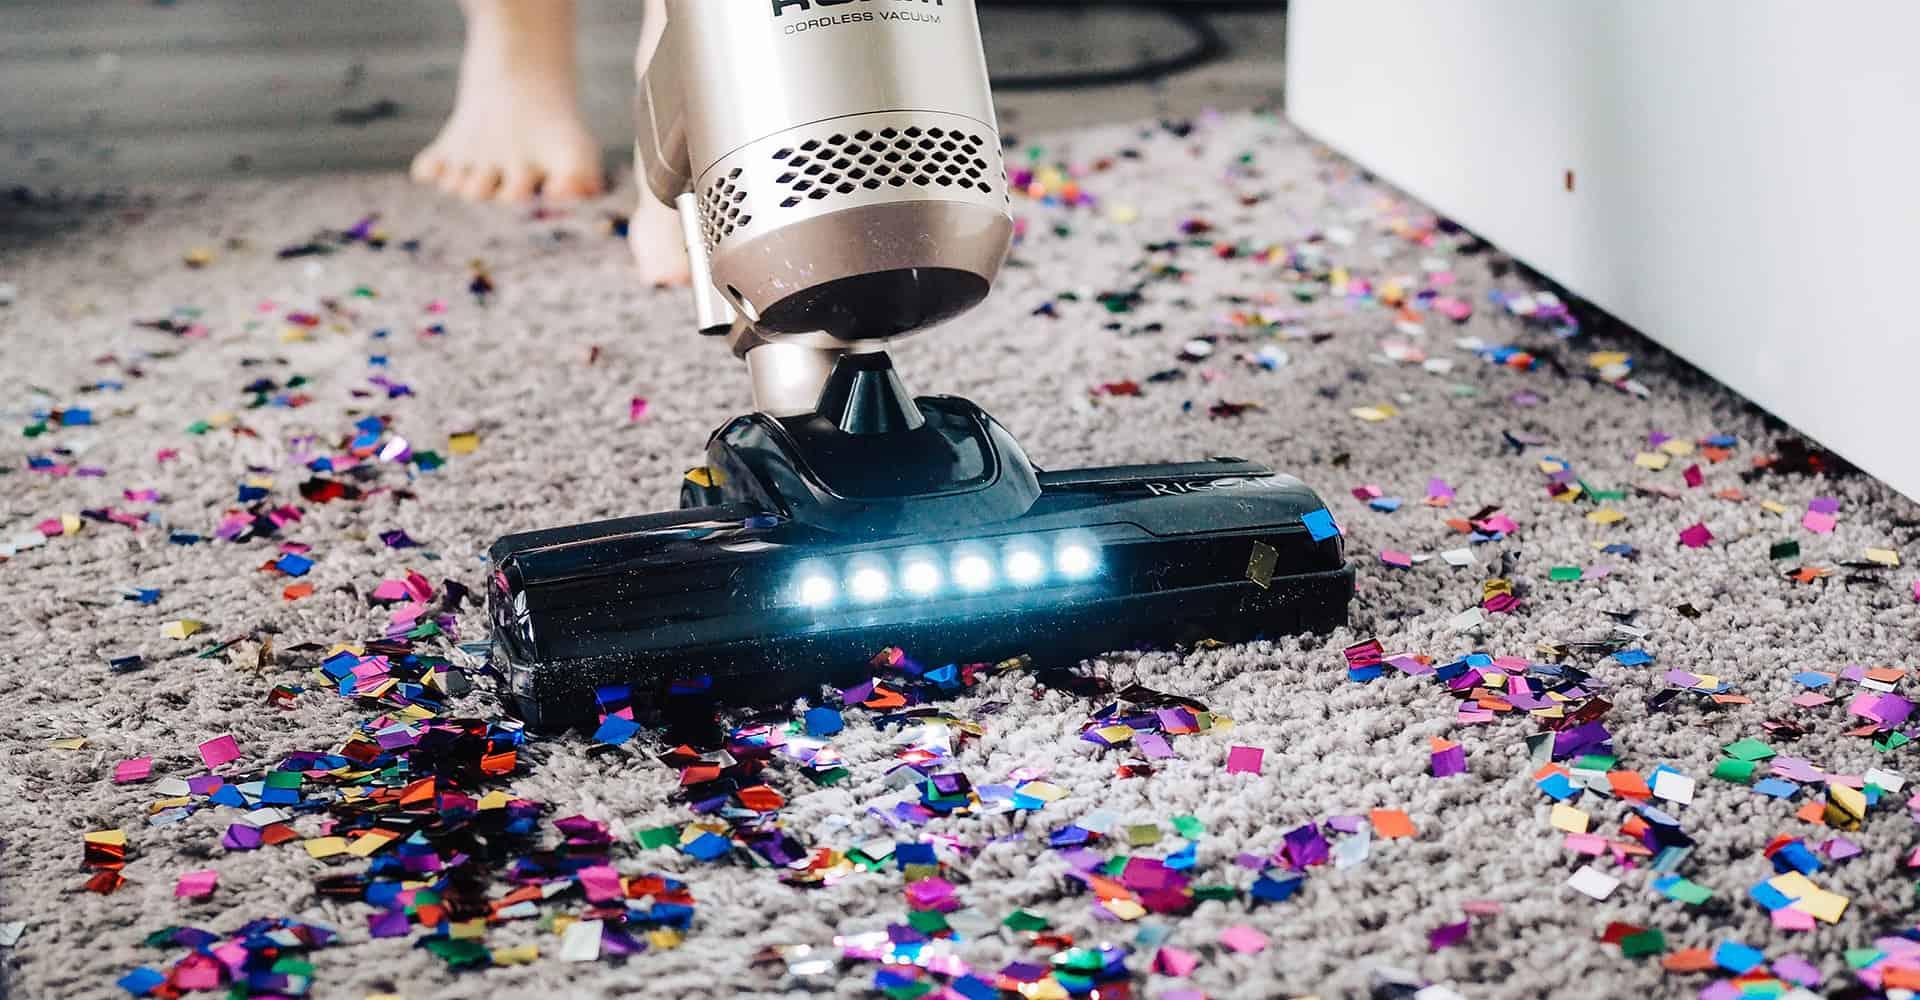 lightweight-vacuum-cleaner